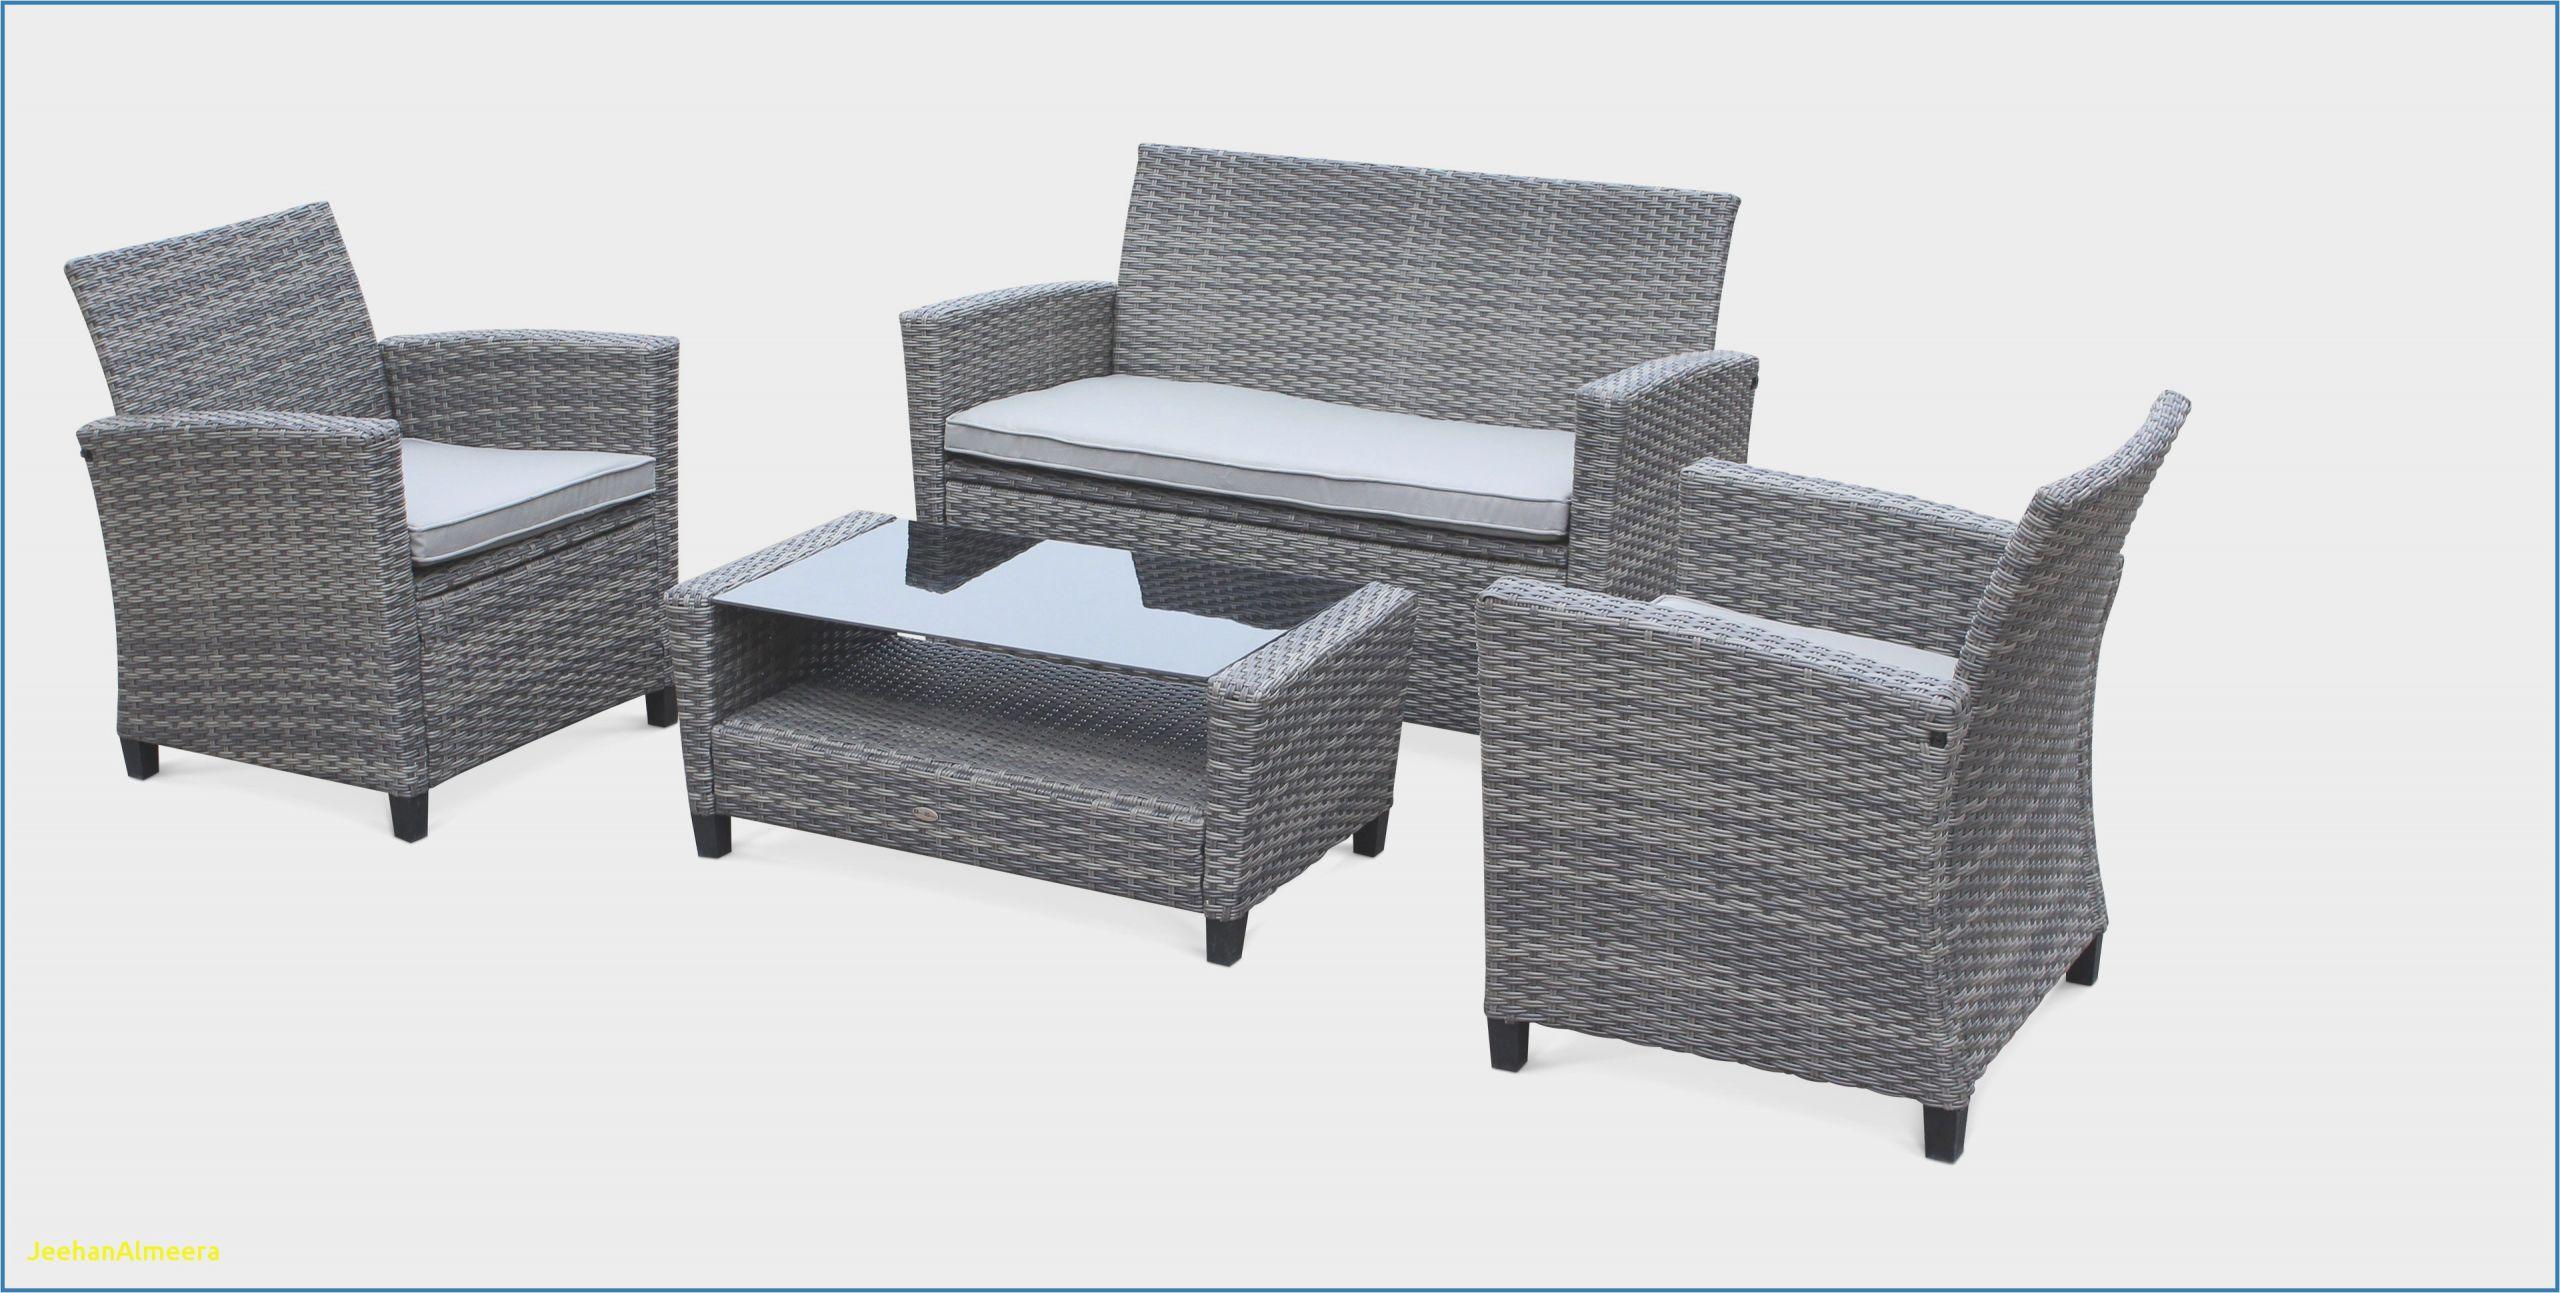 meuble tv castorama meuble tv 160 lesmeubles meuble tv luxe luxe littoral meuble 0d of meuble tv castorama 1